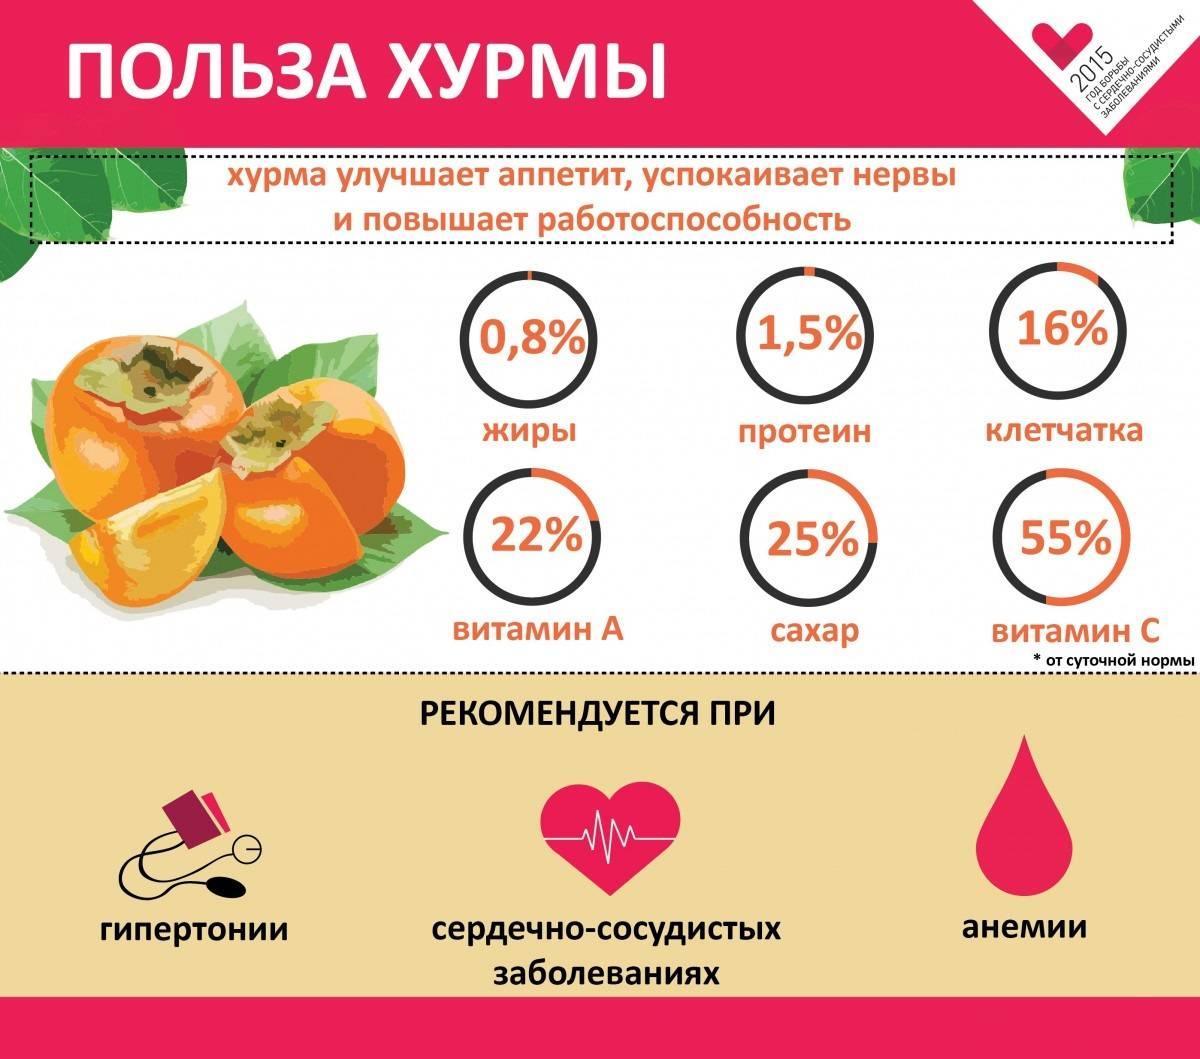 Польза шоколада, вред для здоровья: сколько в день можно есть, из чего состоит, влияние на организм после 50 лет